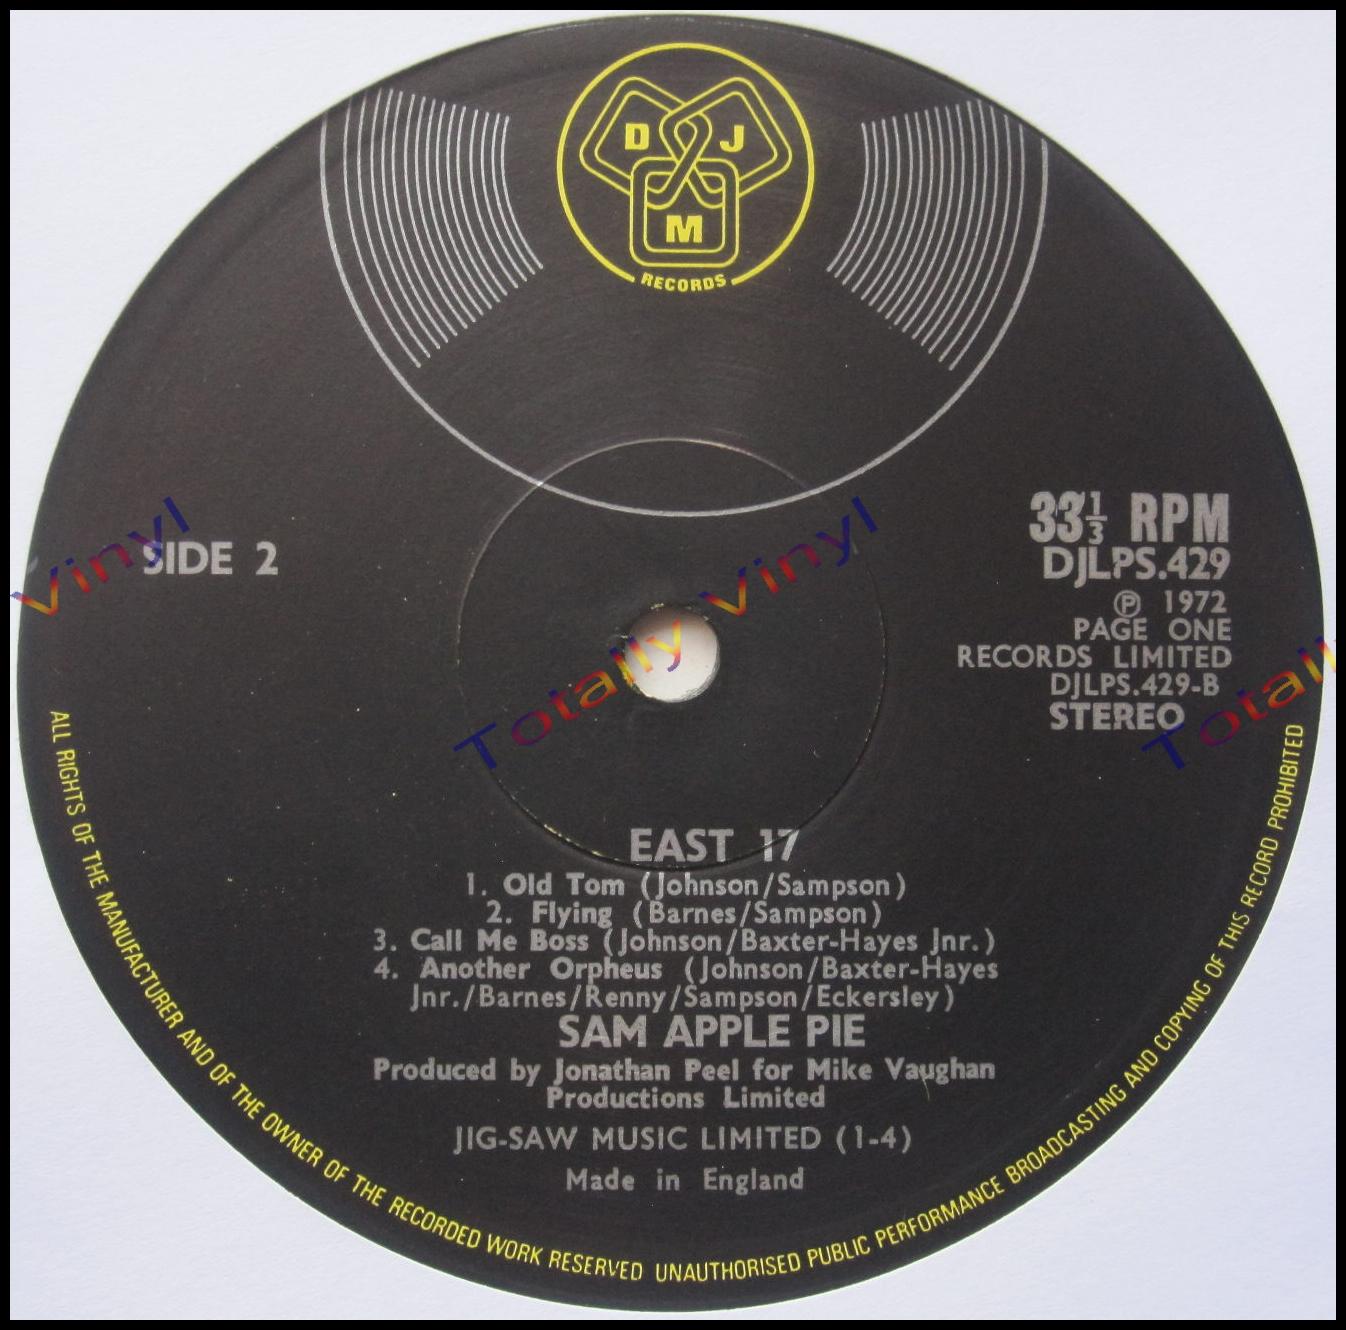 Sam Apple Pie - East 17 LP